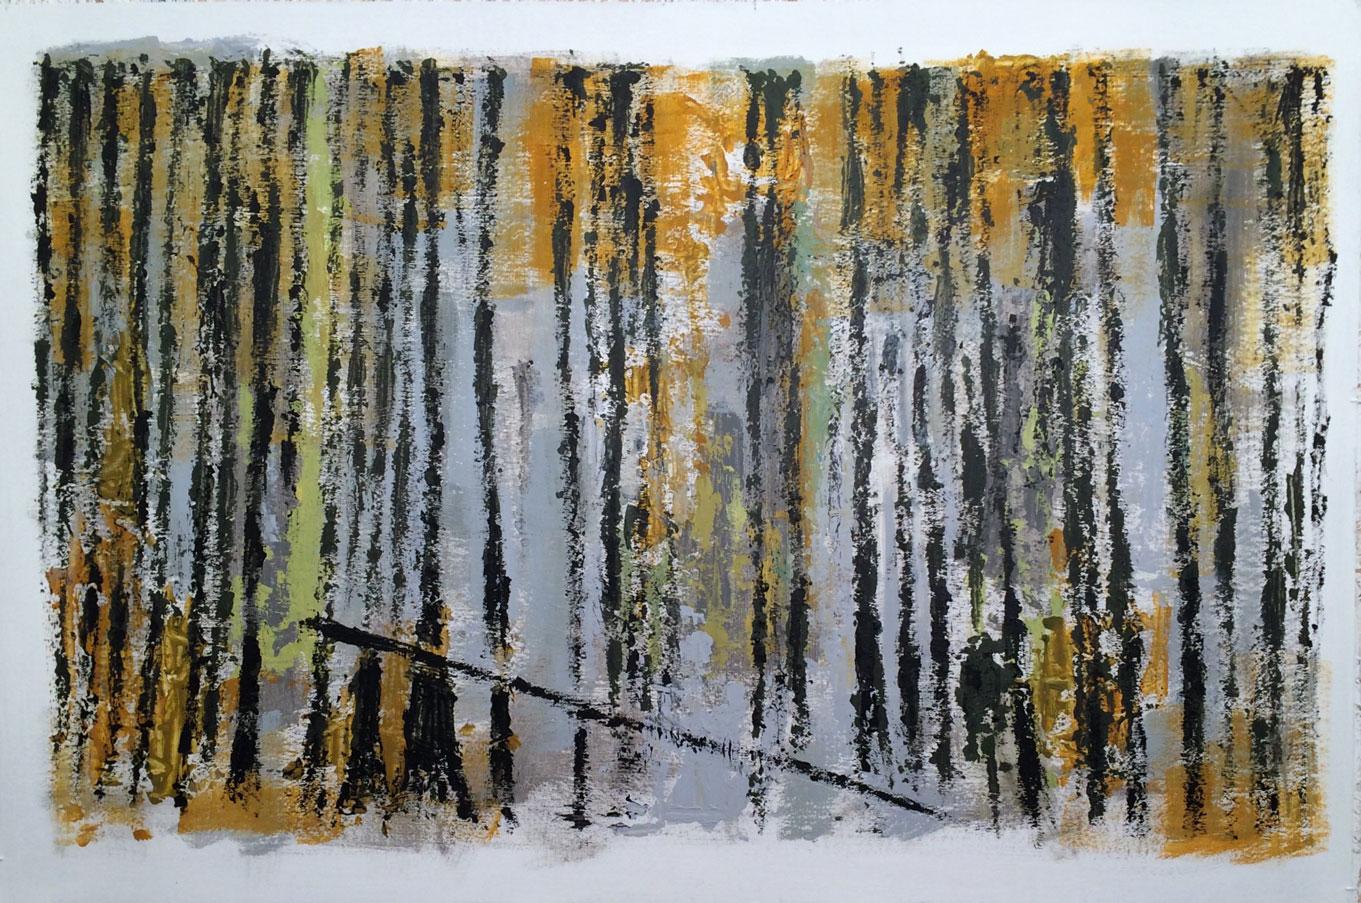 N°2446 - Forêt / L'hiver - Acrylique et pigments sur carton - 80 x 120 cm - 4 mai 2016